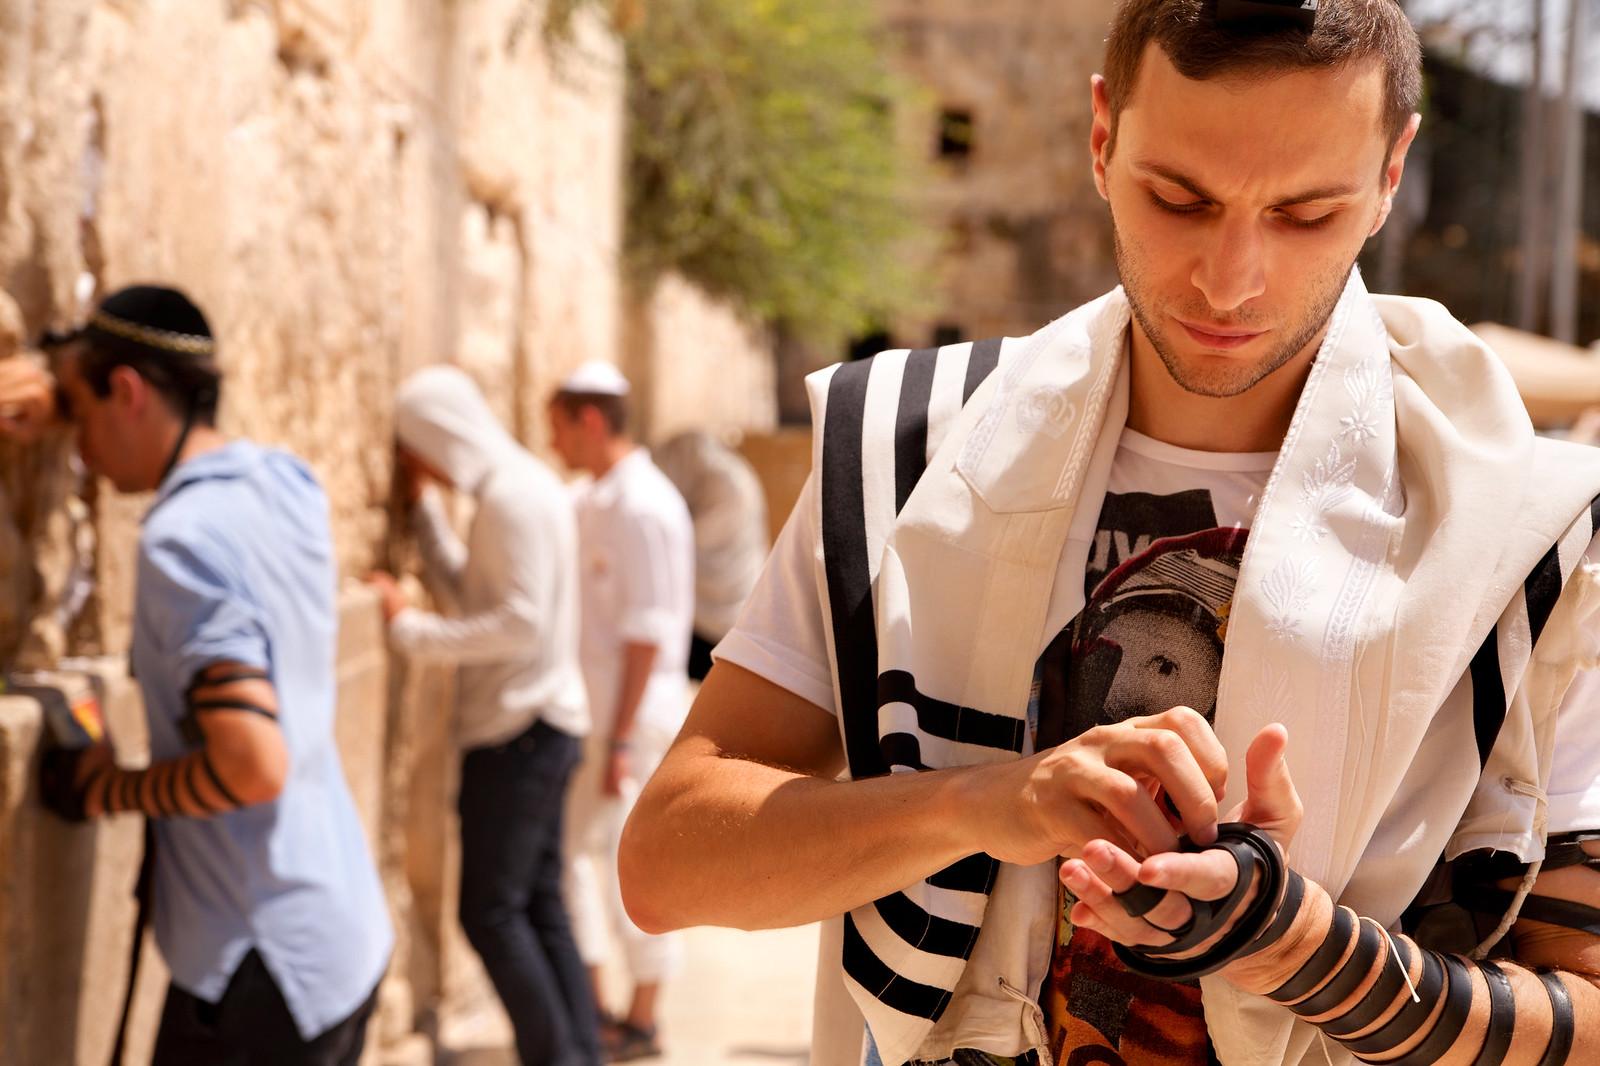 Jersusalem_Western Wall_Tefillin_4_Noam Chen_IMOT